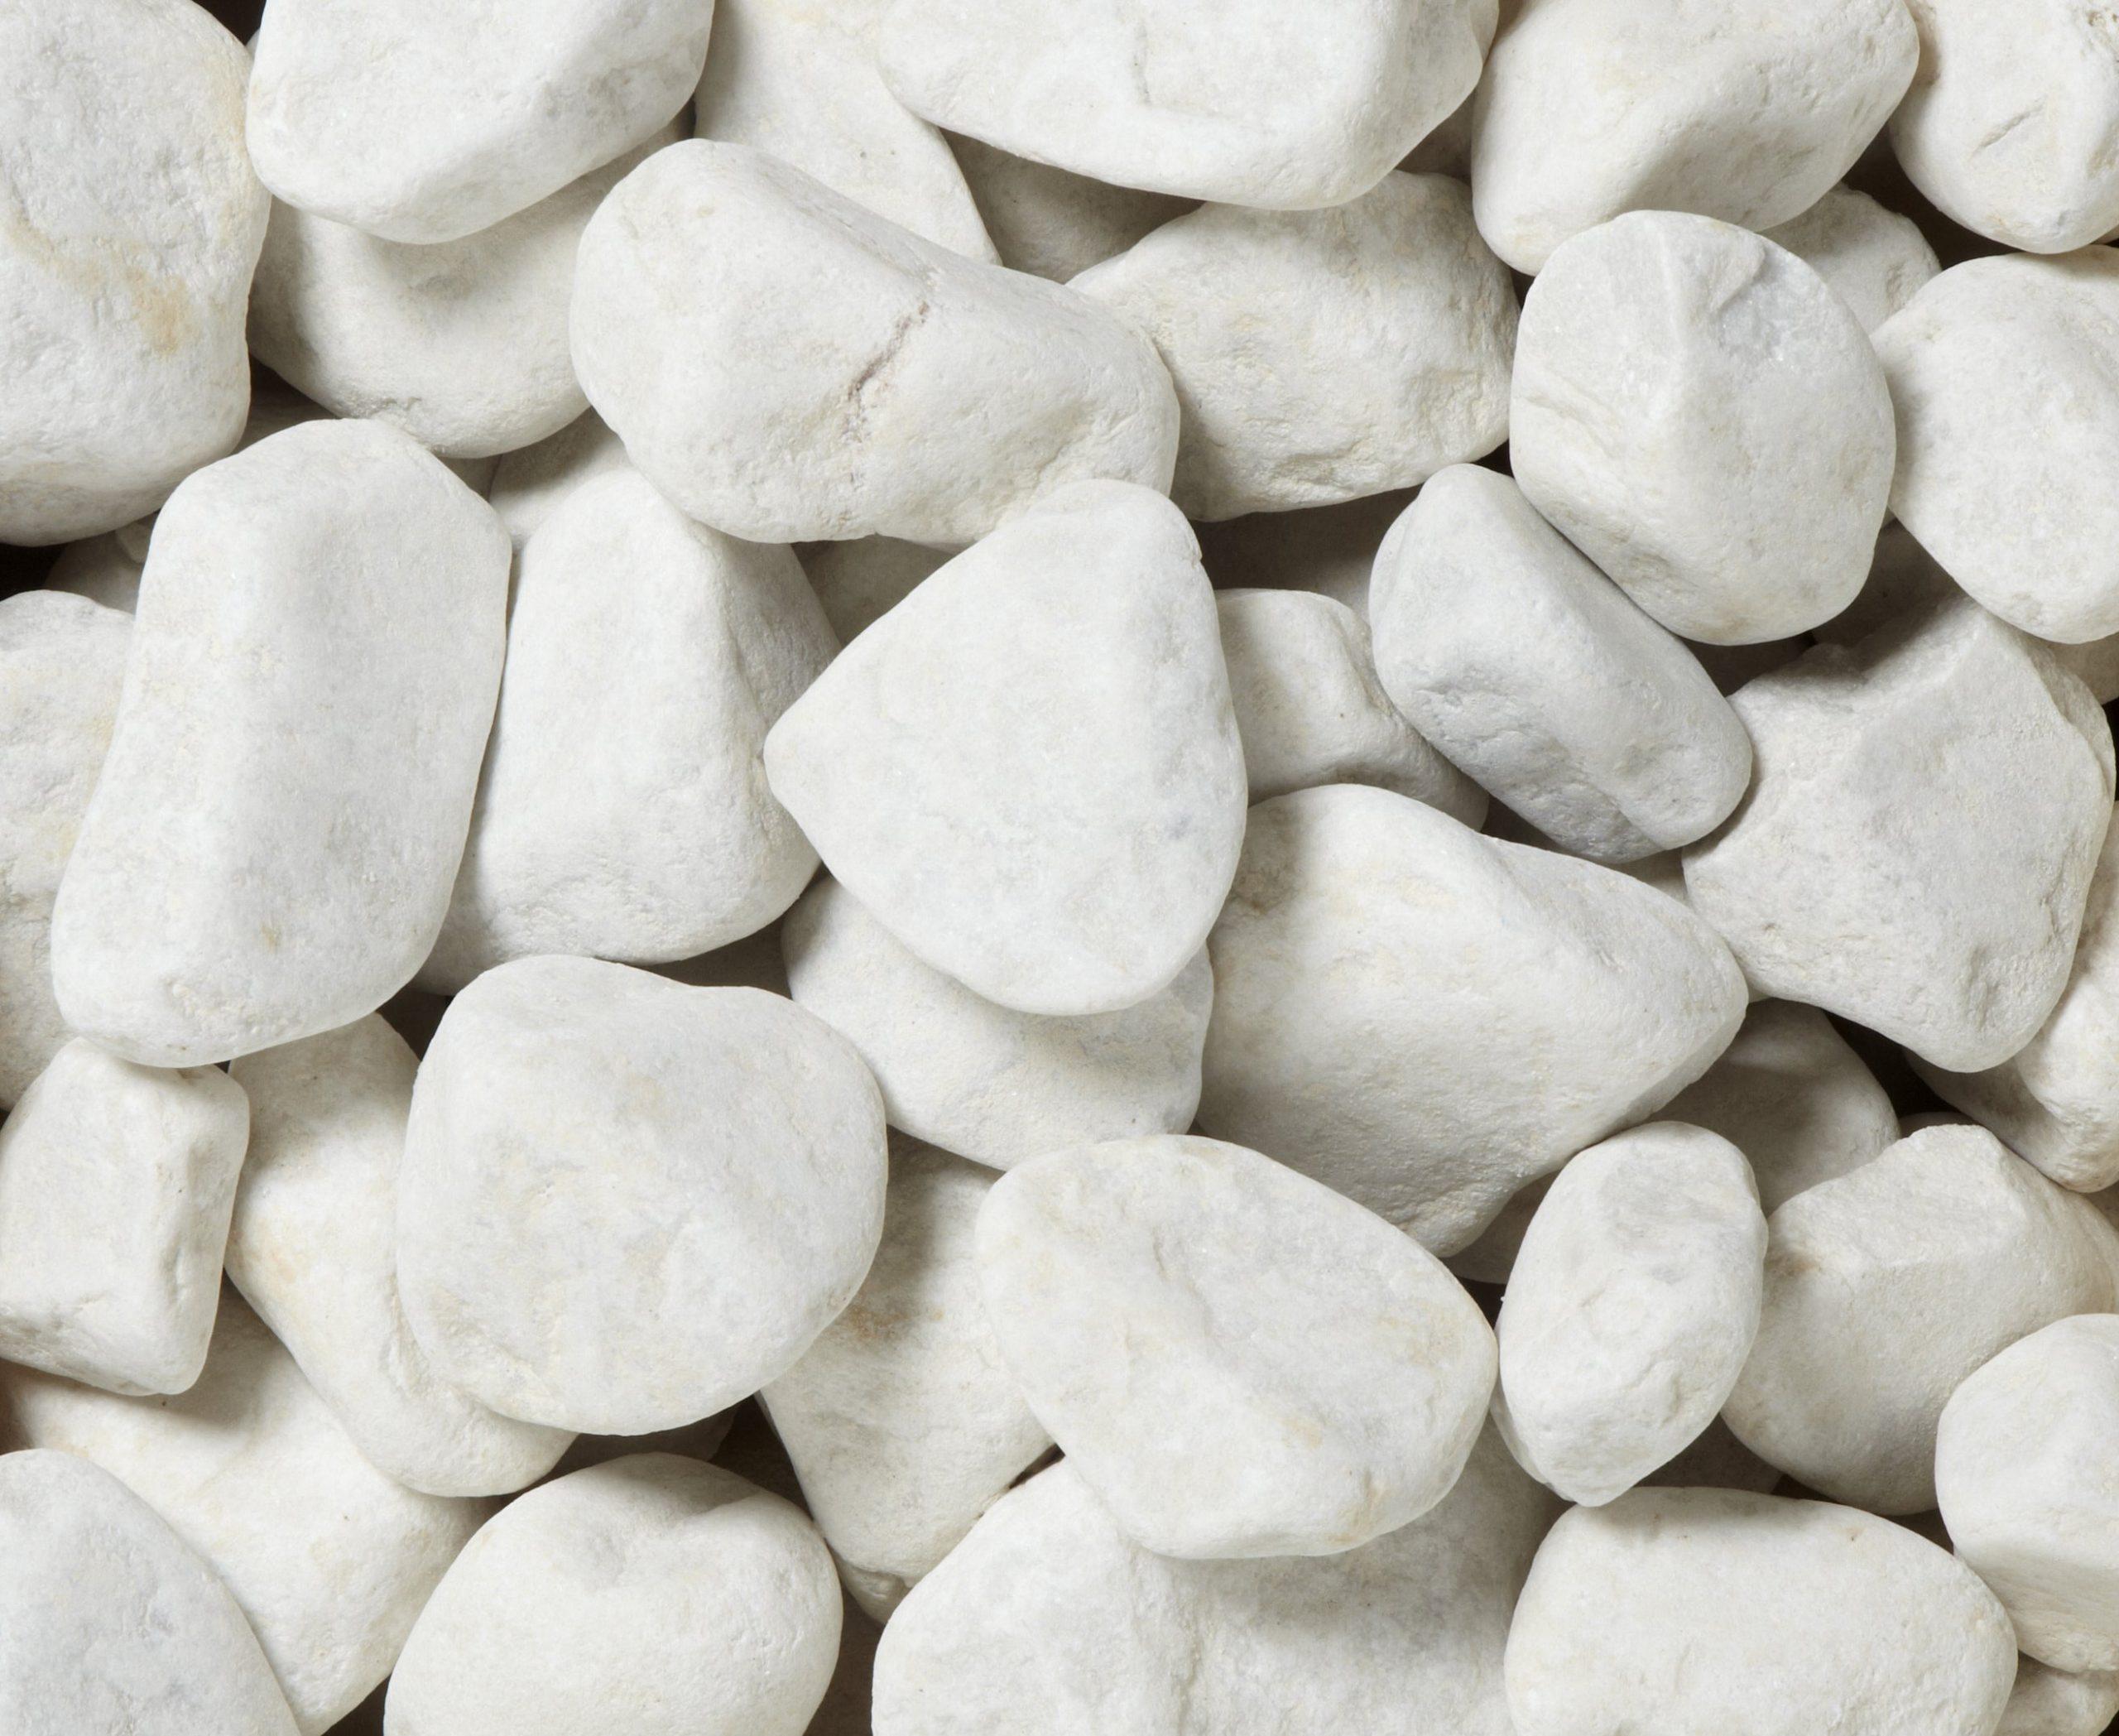 Galets En Marbre Mat, Blanc, 30/50 Mm, 25 Kg intérieur Galet Blanc Pas Cher